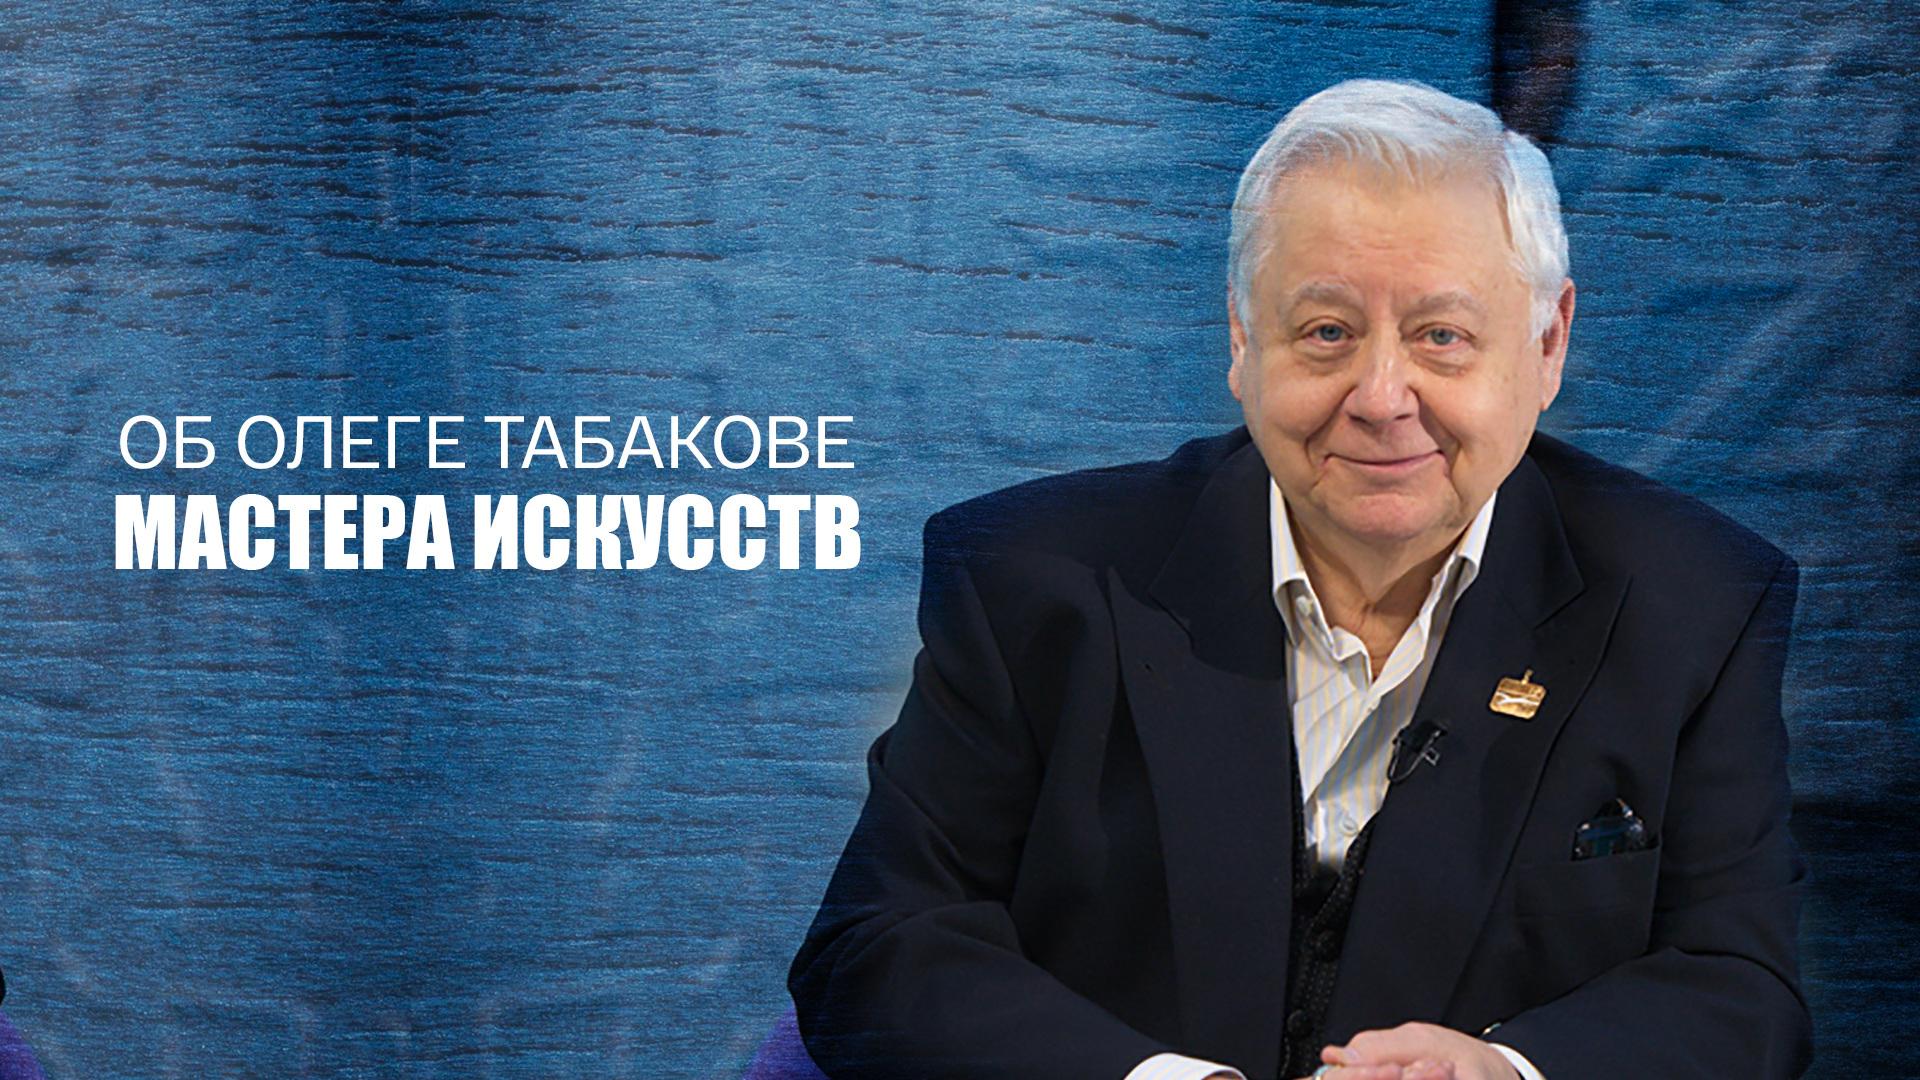 Об Олеге Табакове. Мастера искусств (1976)